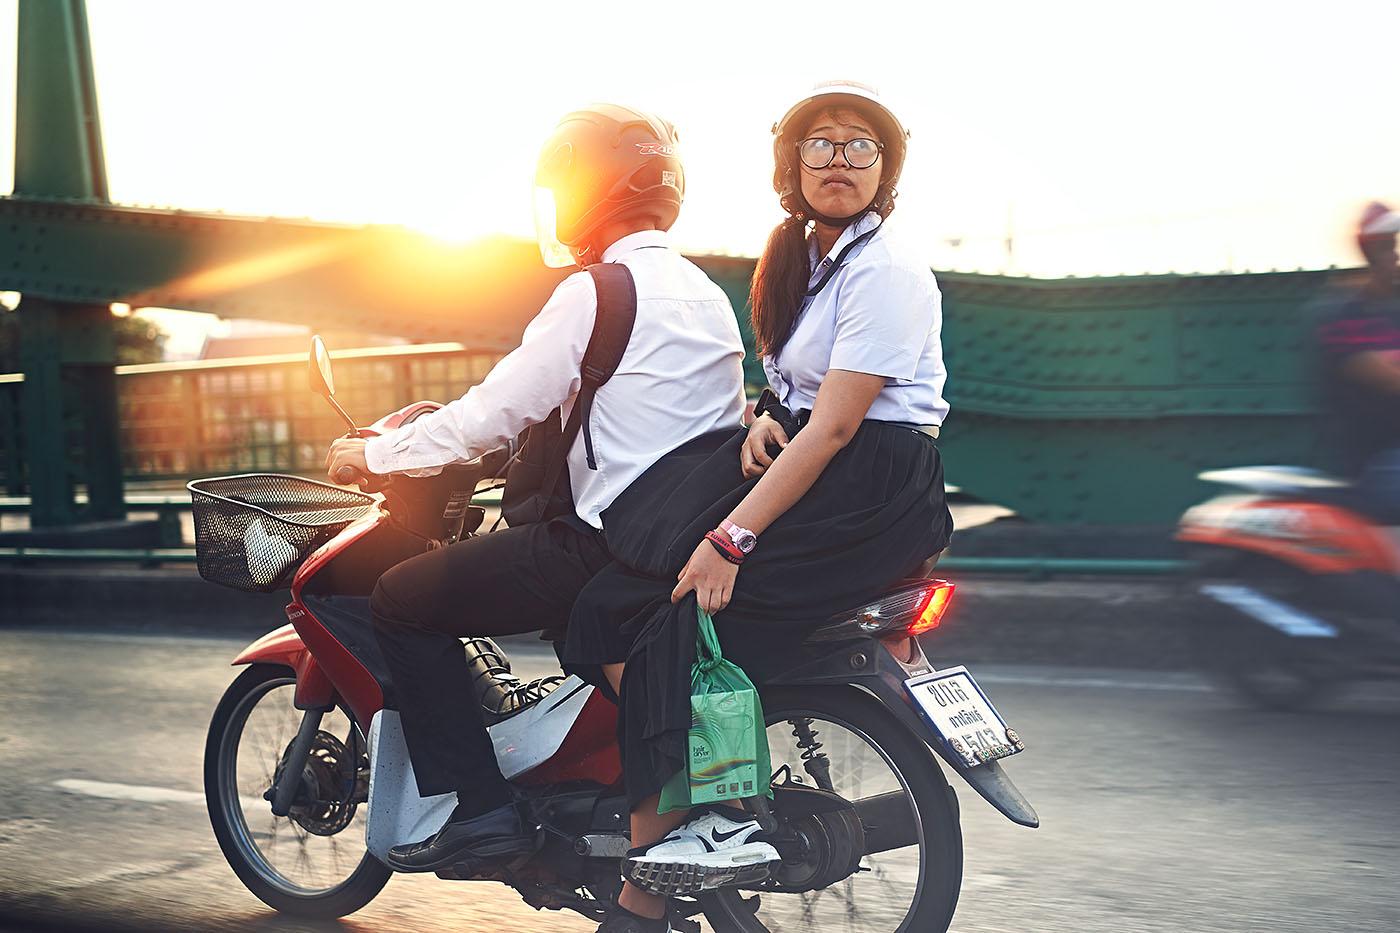 Bangkok_2017_RAW 19_klein.jpg